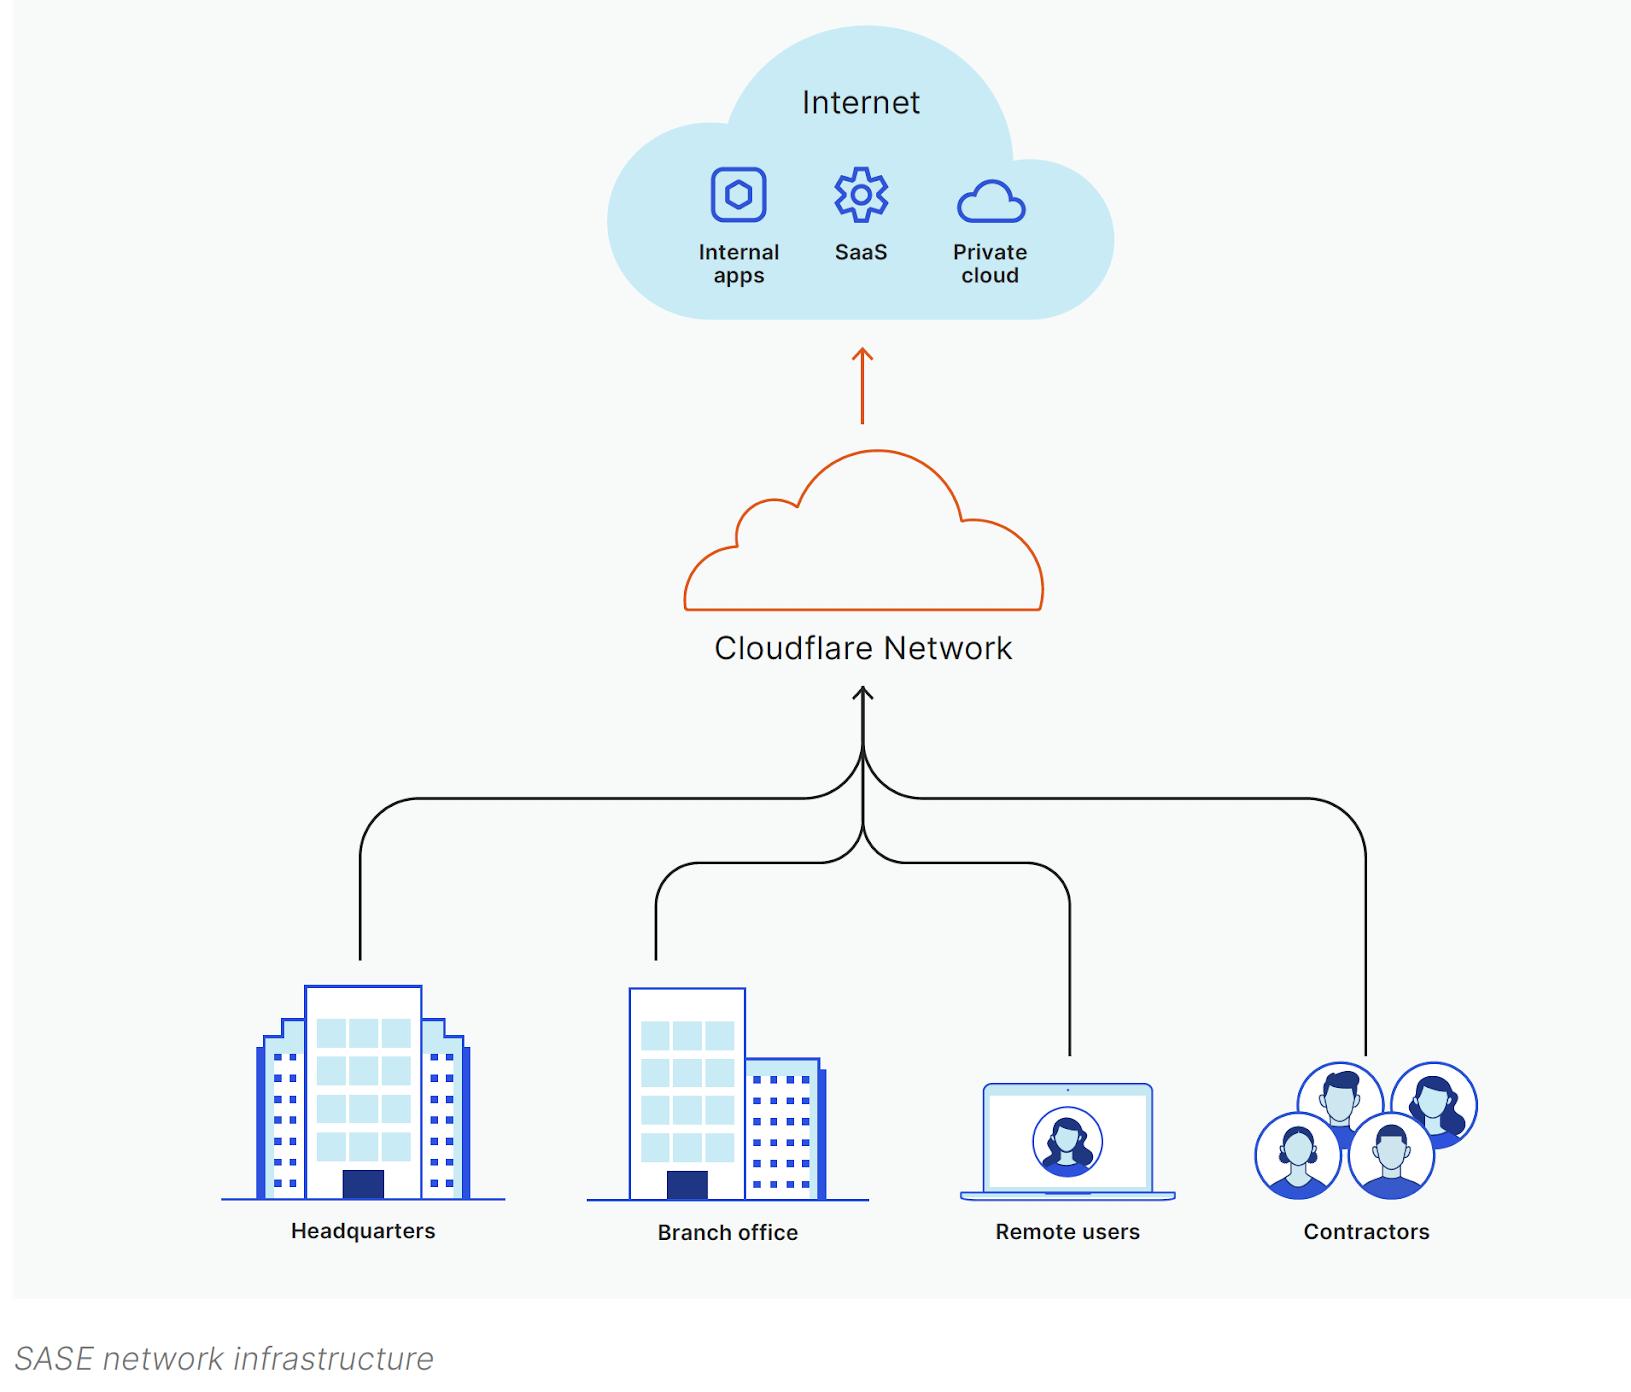 SASE network infrastructure